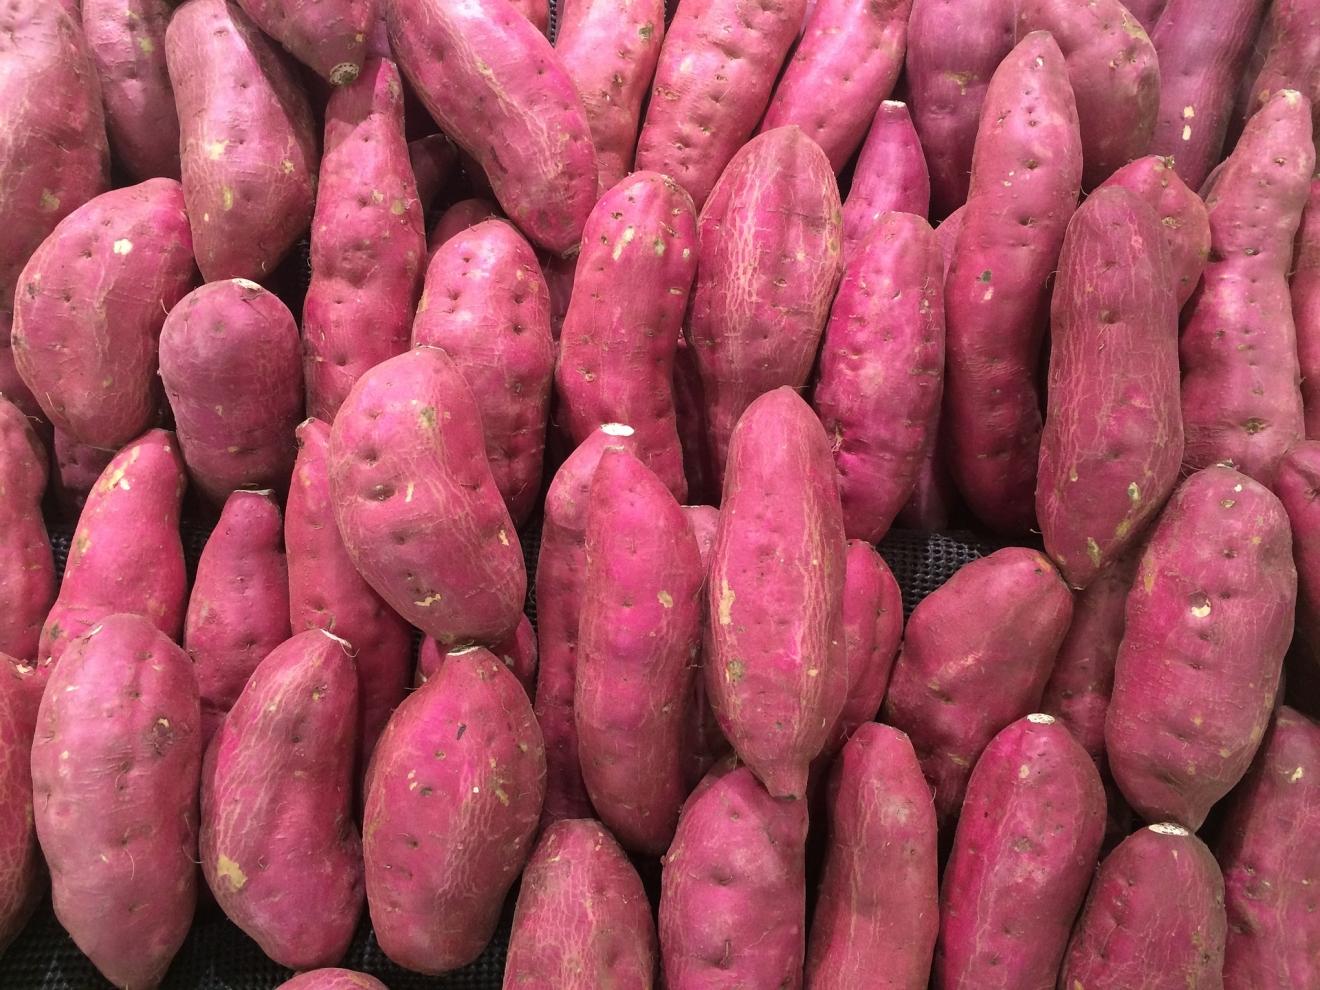 La patate douce, un tubercule longtemps méprisé mais indispensable